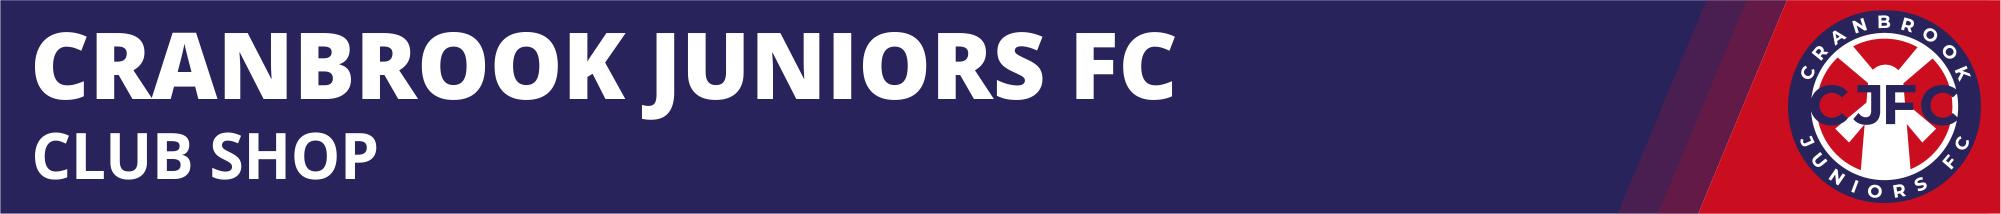 cranbrook-juniors-fc-club-shop-banner.png